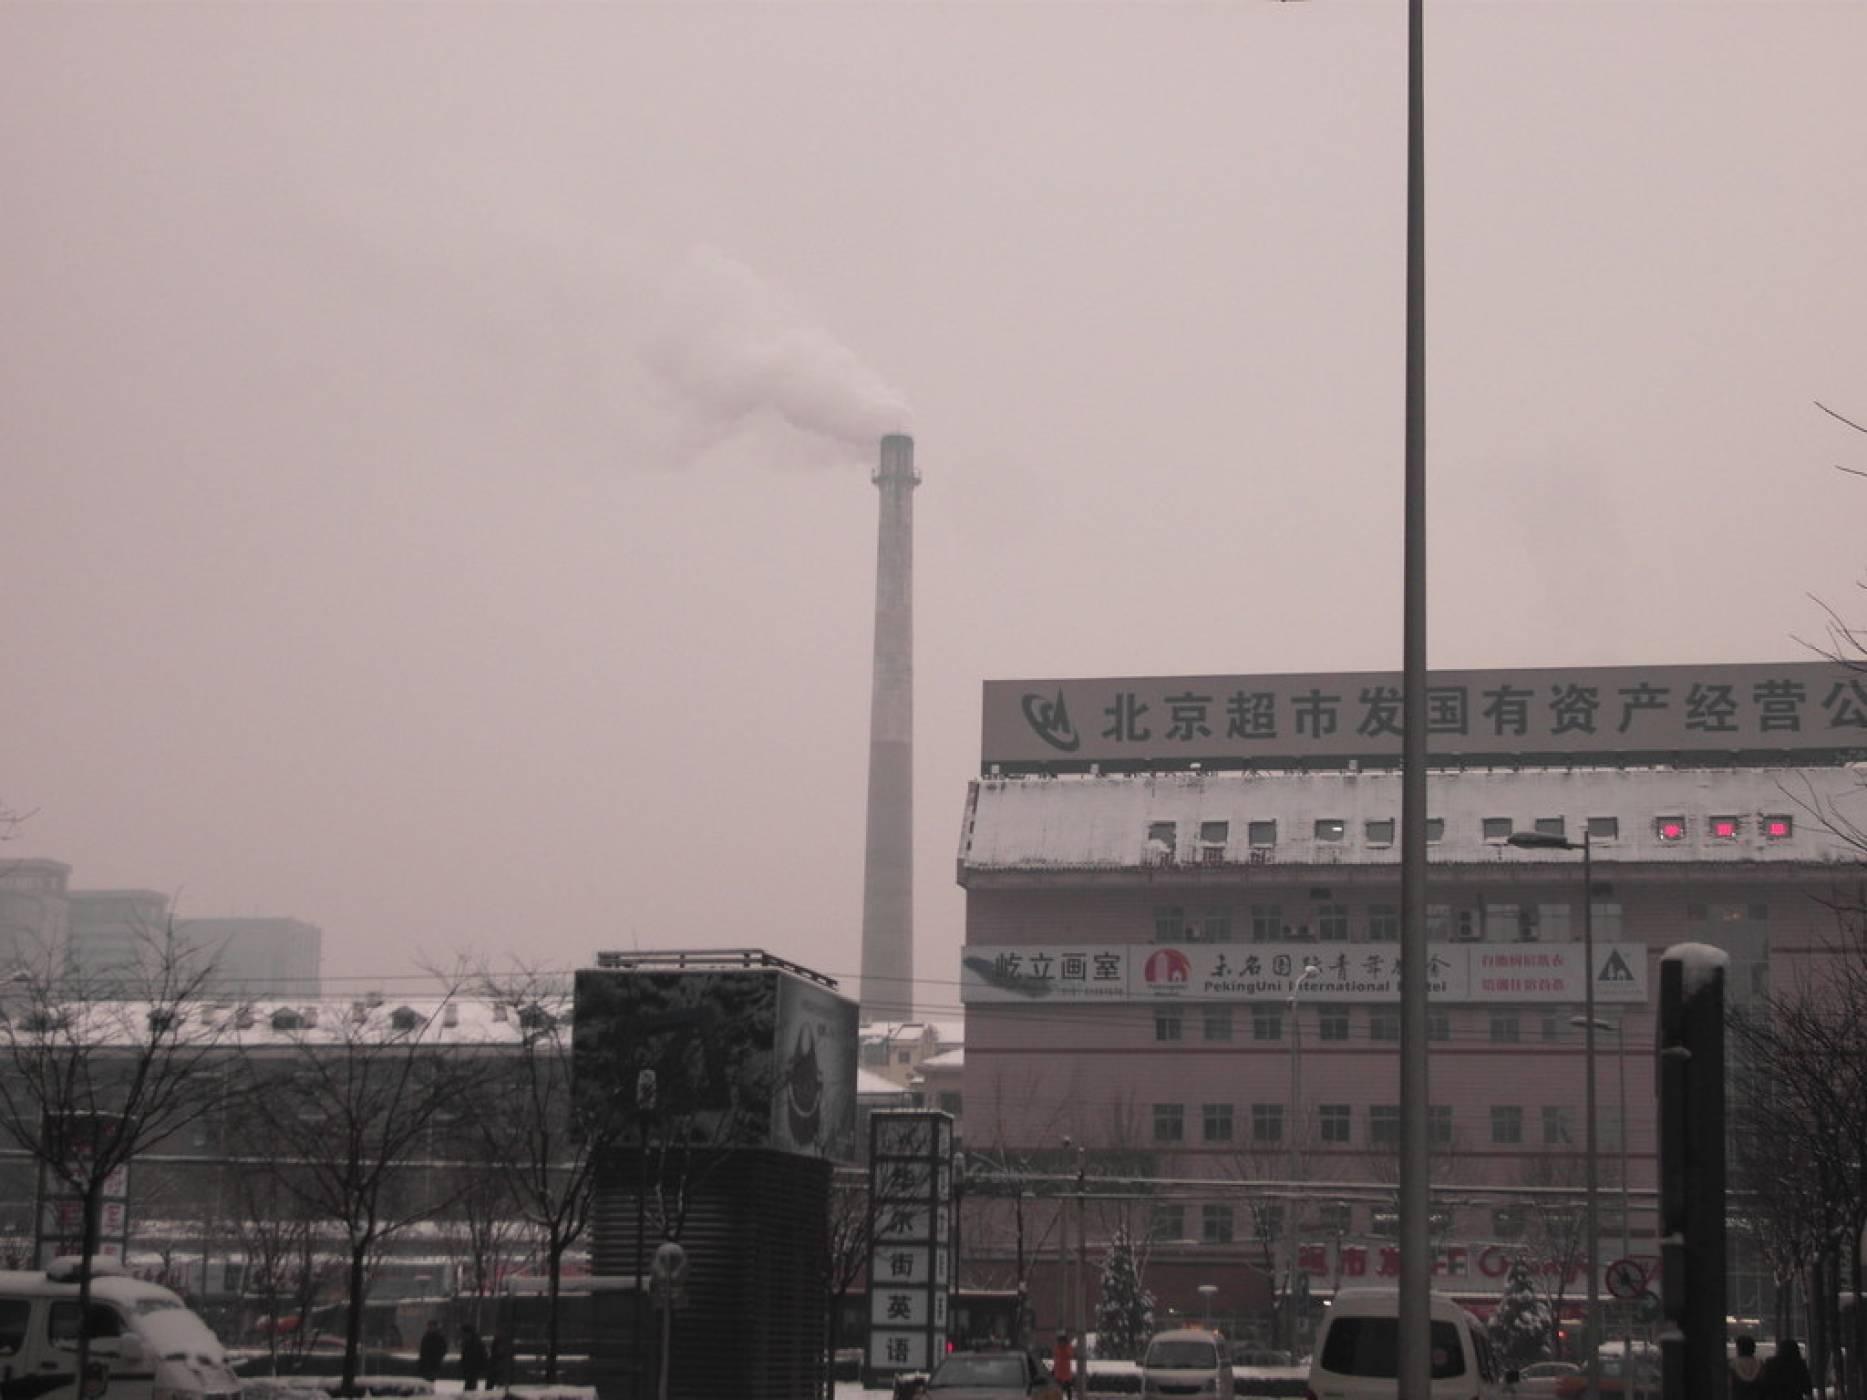 Въздухът в Китай е този, който не трябва да дишаме. Плашеща статистика